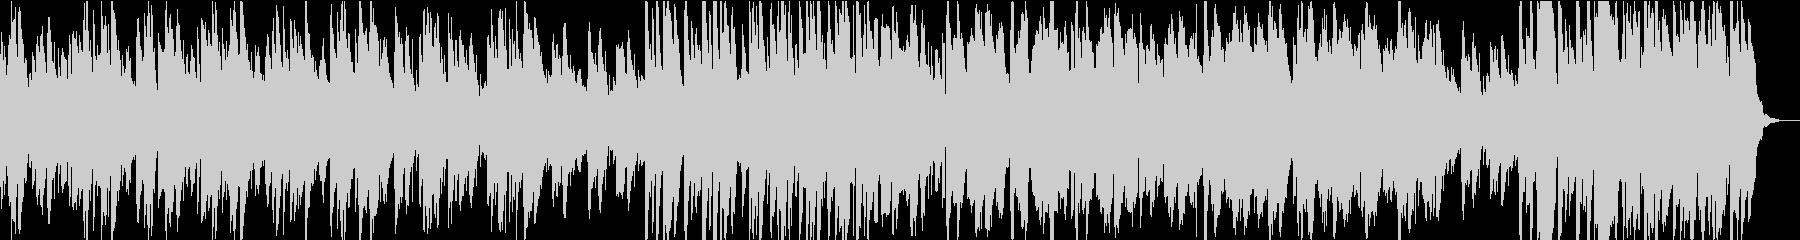 マリンバとシンセサイザーをベースに...の未再生の波形